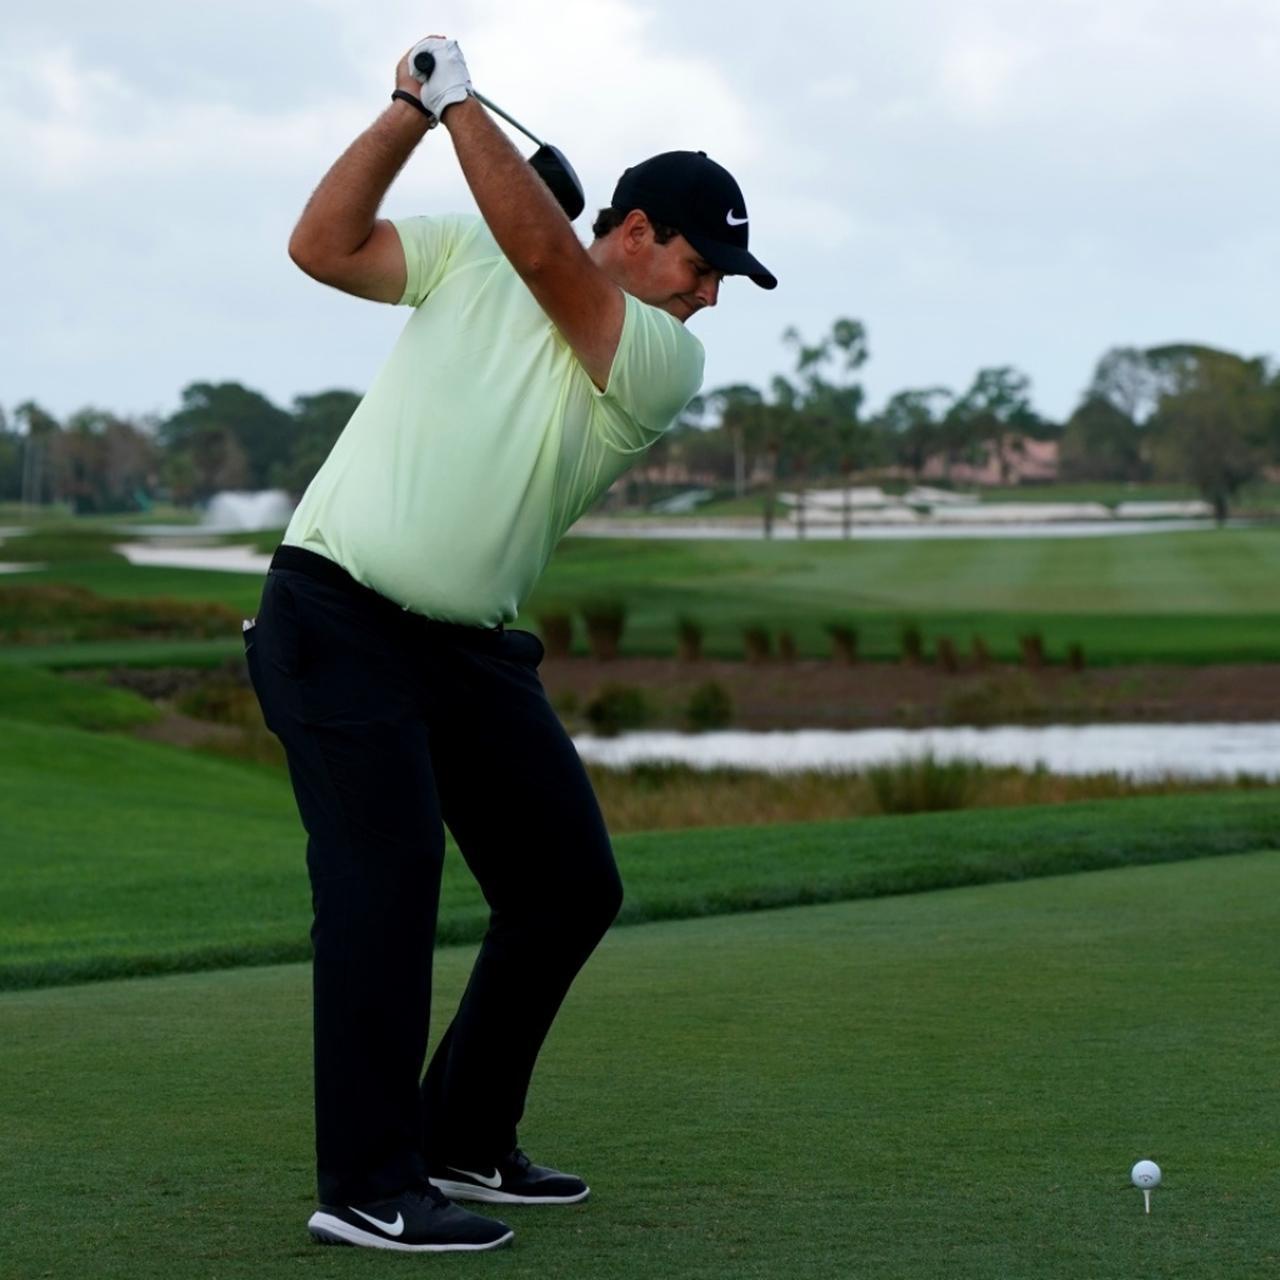 画像5: 【パトリック・リード】天才肌ドローヒッター! 右股関節の上に乗って腕をしっかりローテーション